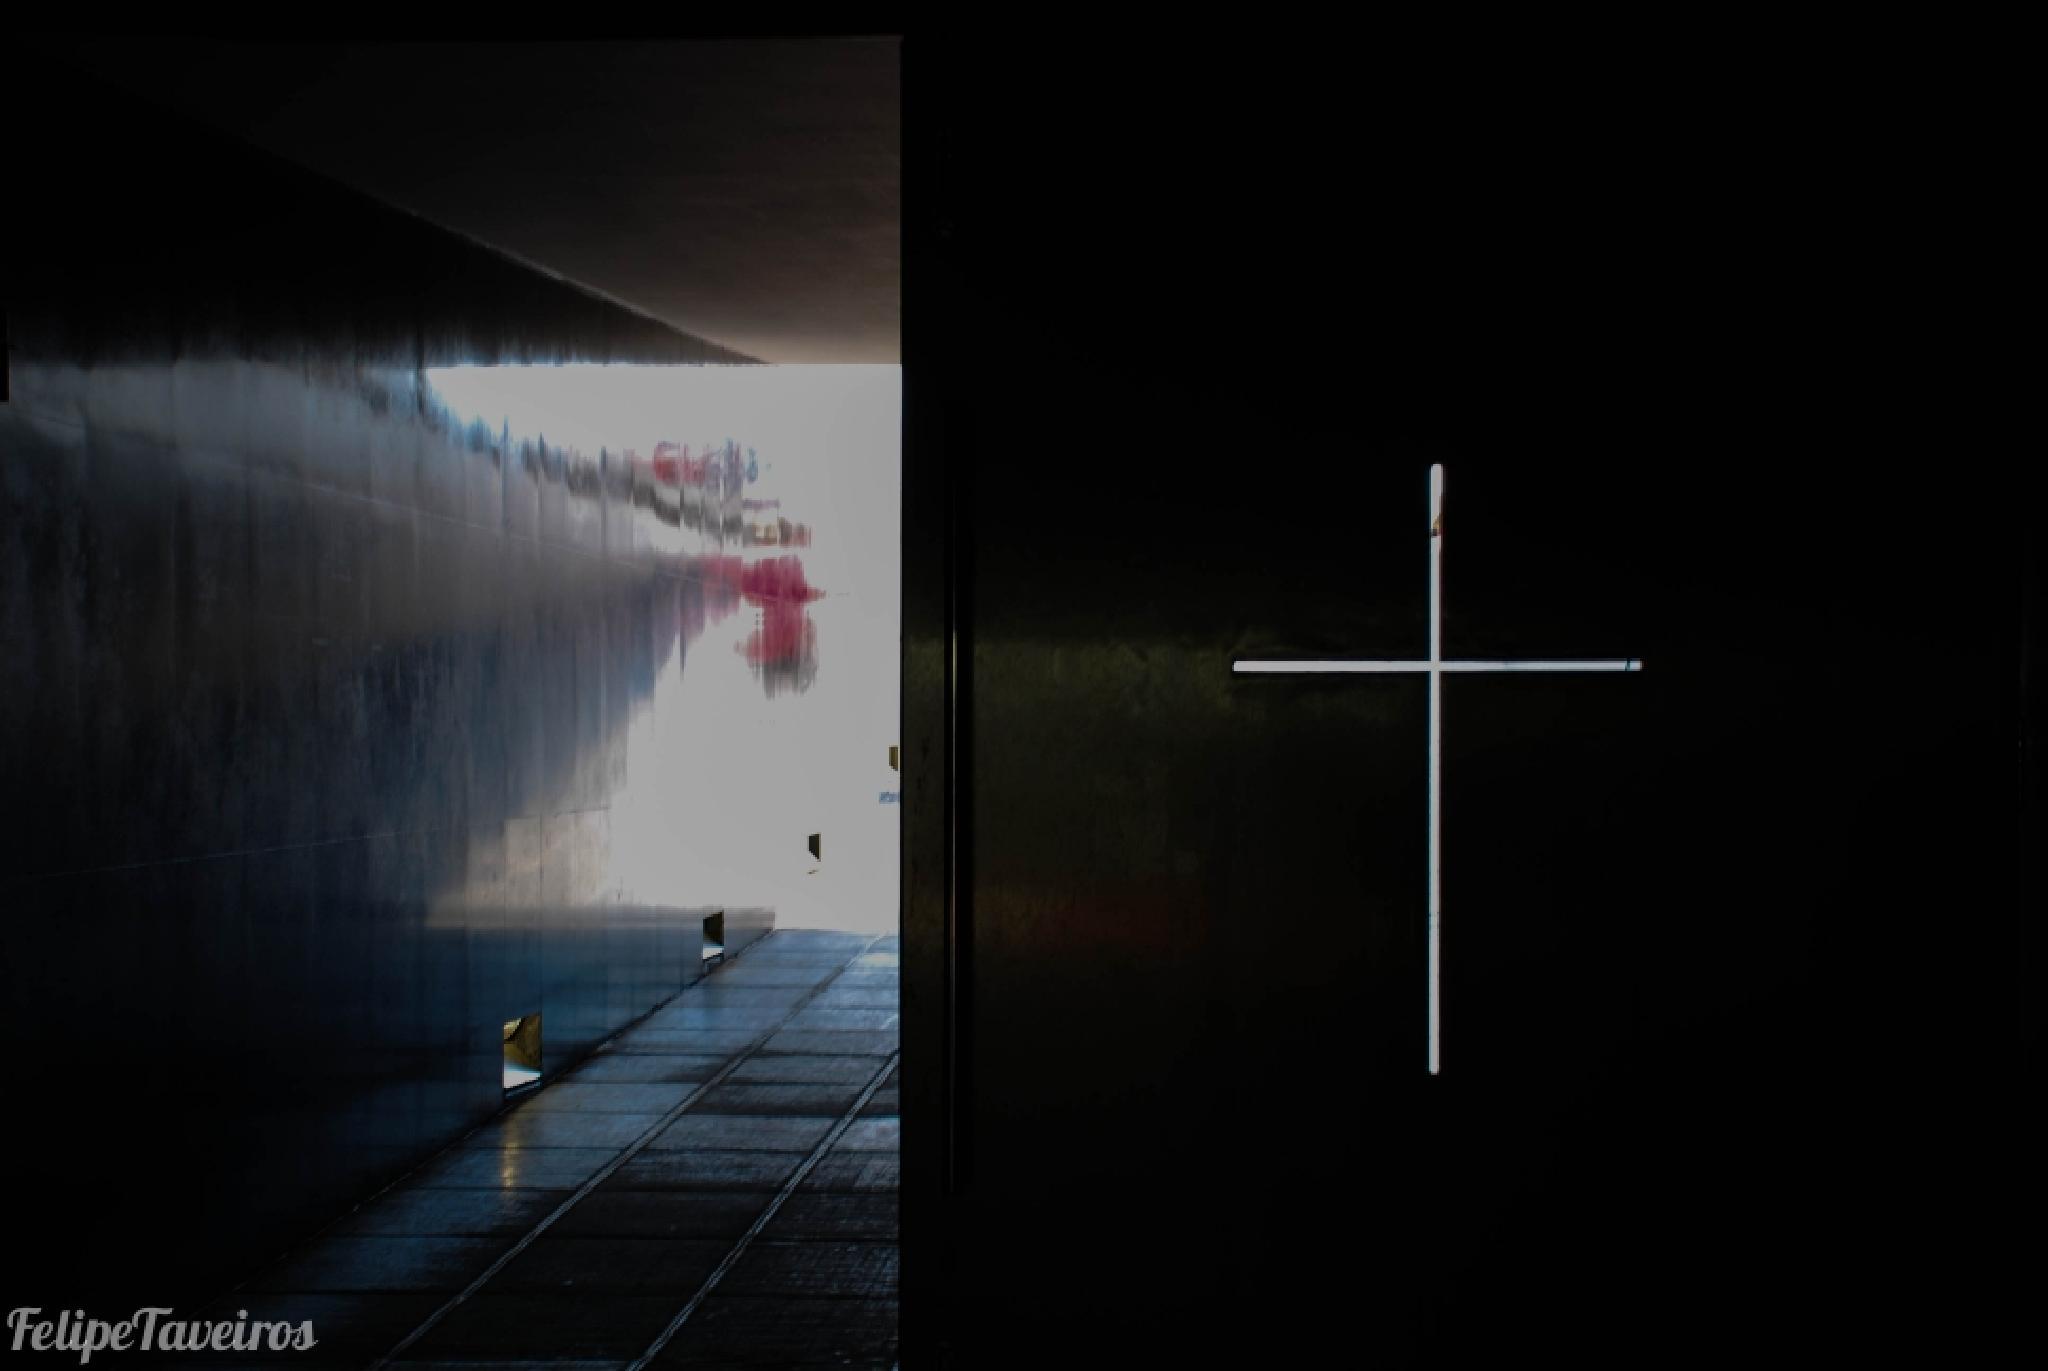 Porta da Fé by ftaveiros